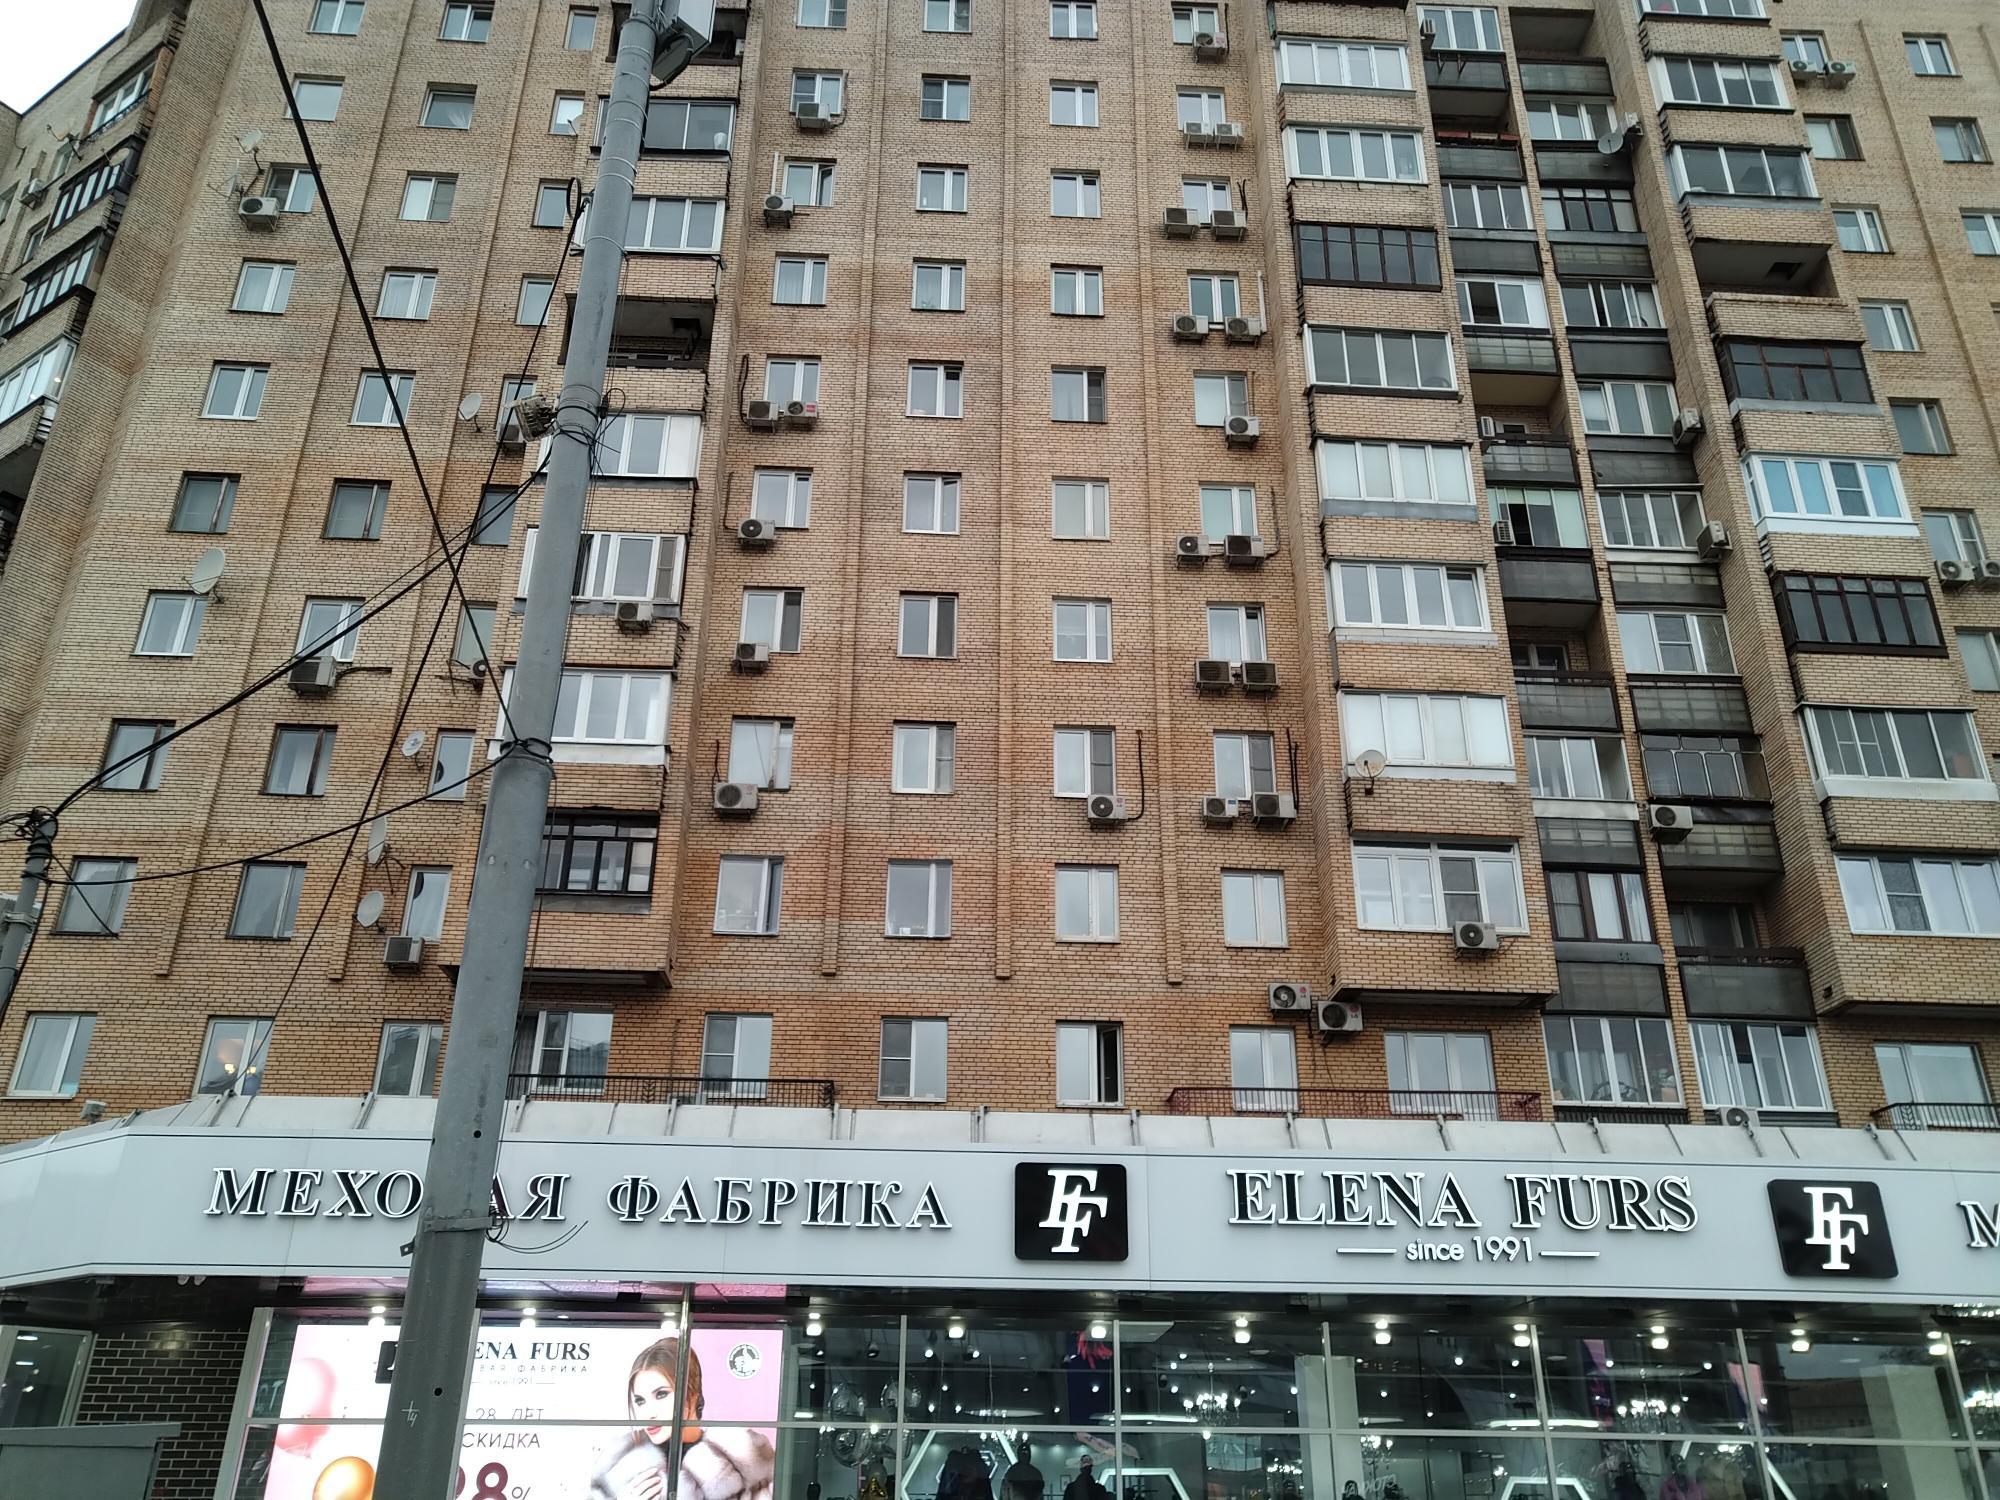 Квартира, 2 комнаты, 54 м² в Москве 89857652487 купить 4